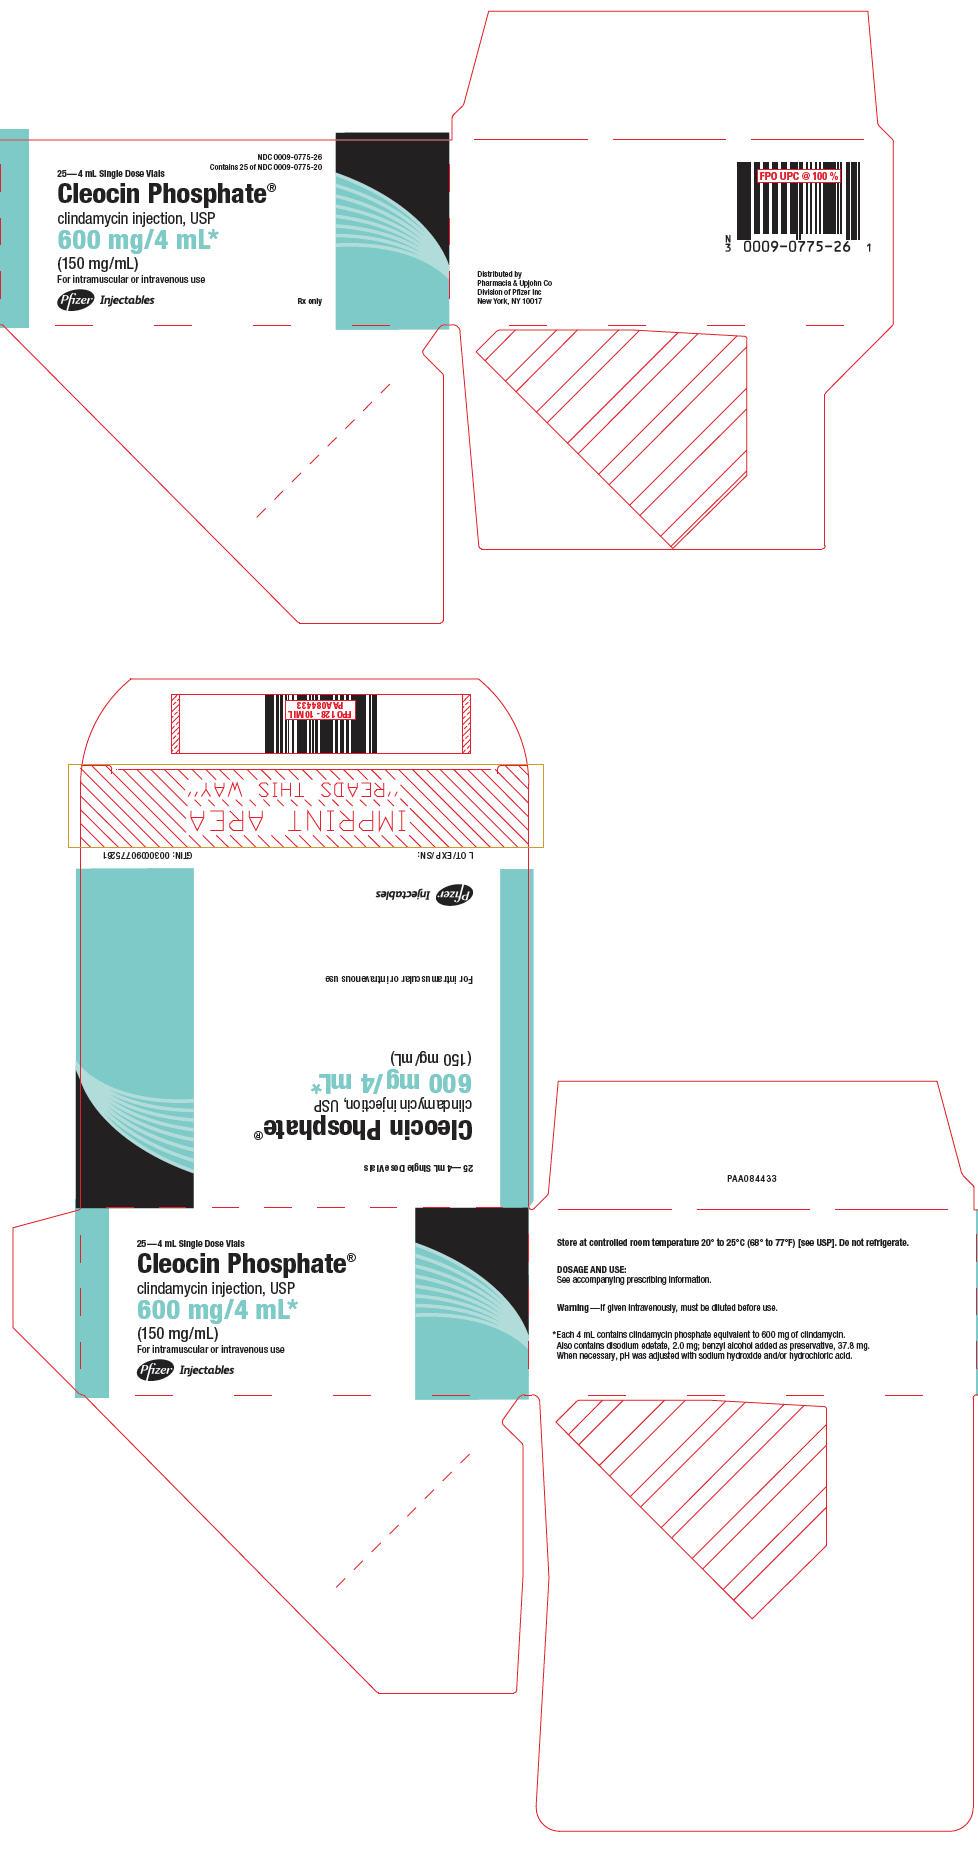 PRINCIPAL DISPLAY PANEL - 600 mg/4 mL Vial Carton